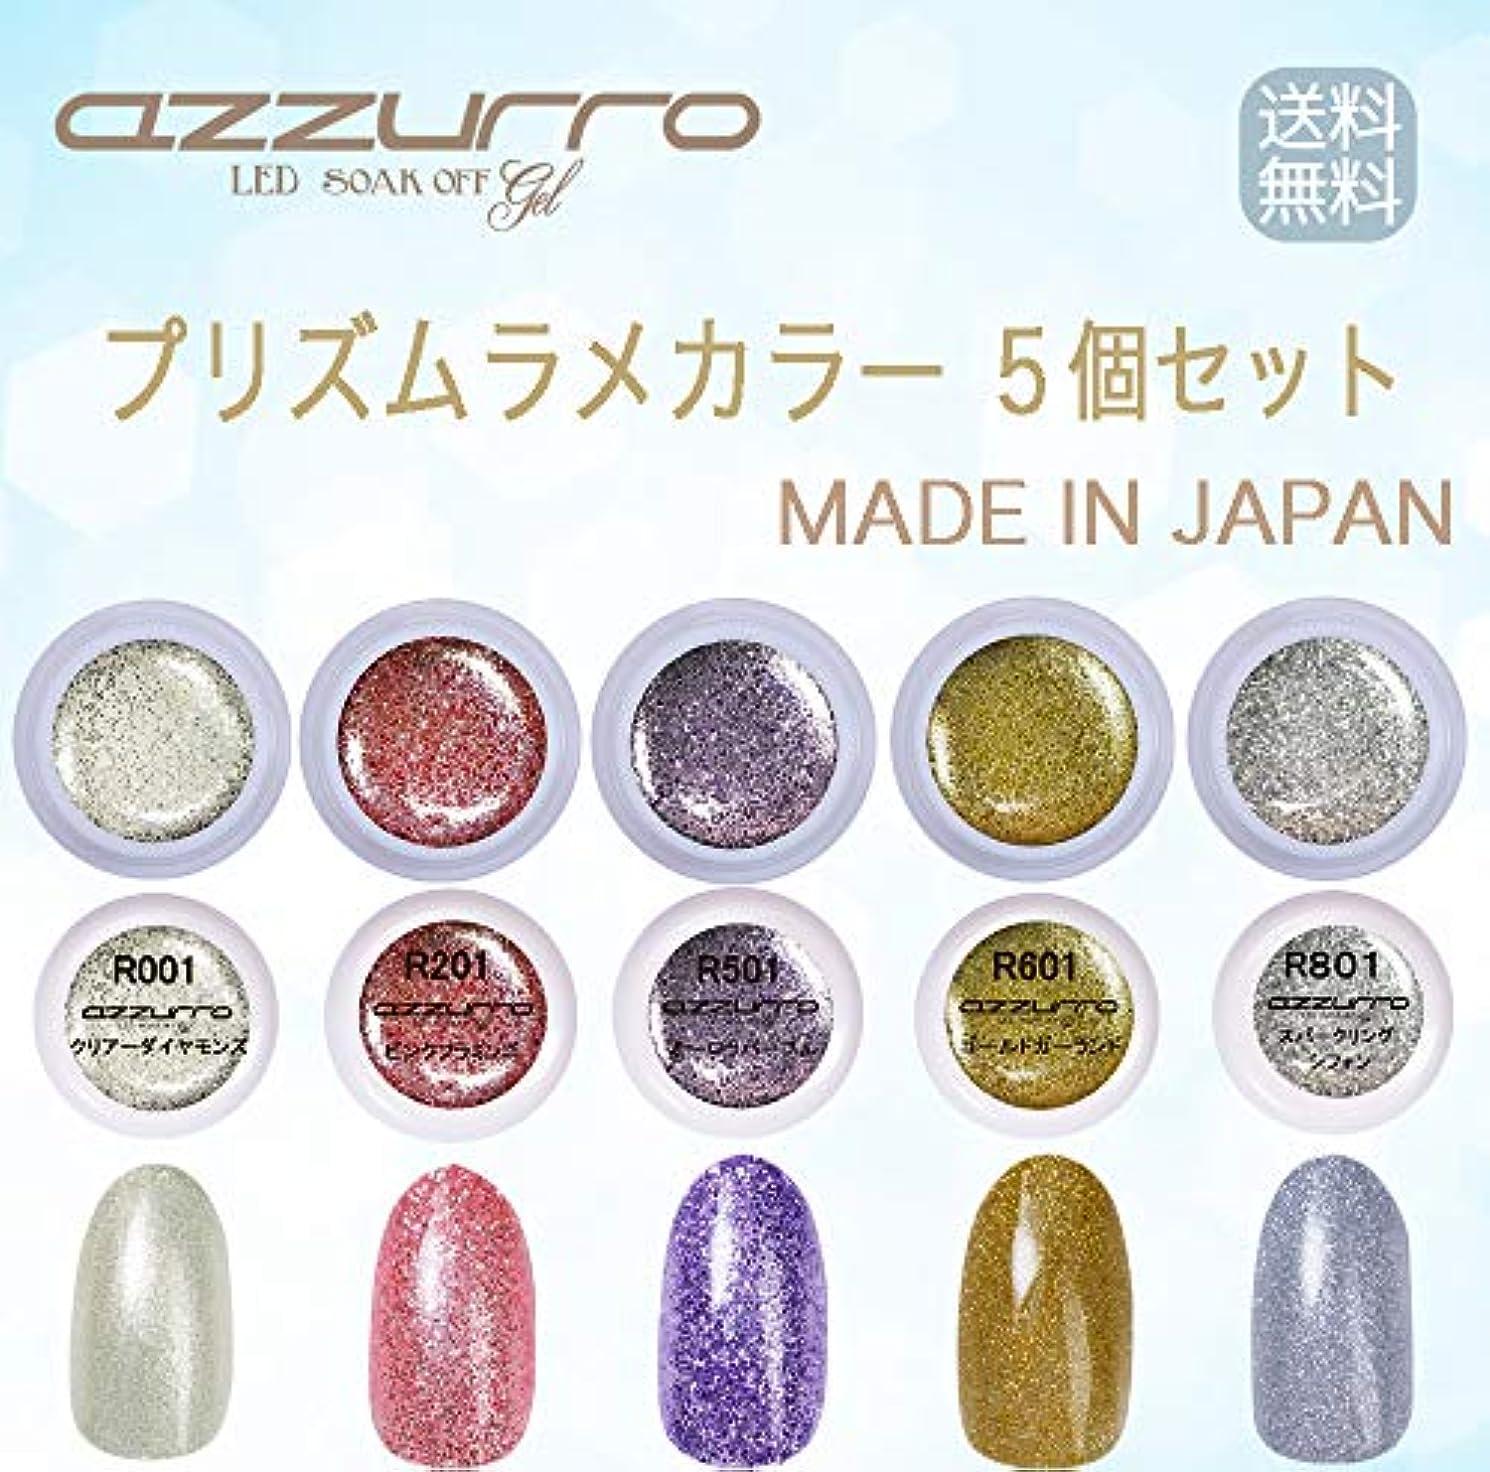 規則性反対する消費者【送料無料】日本製 azzurro gel プリズムラメカラージェル5個セット キラキラネイルにぴったりなカラー